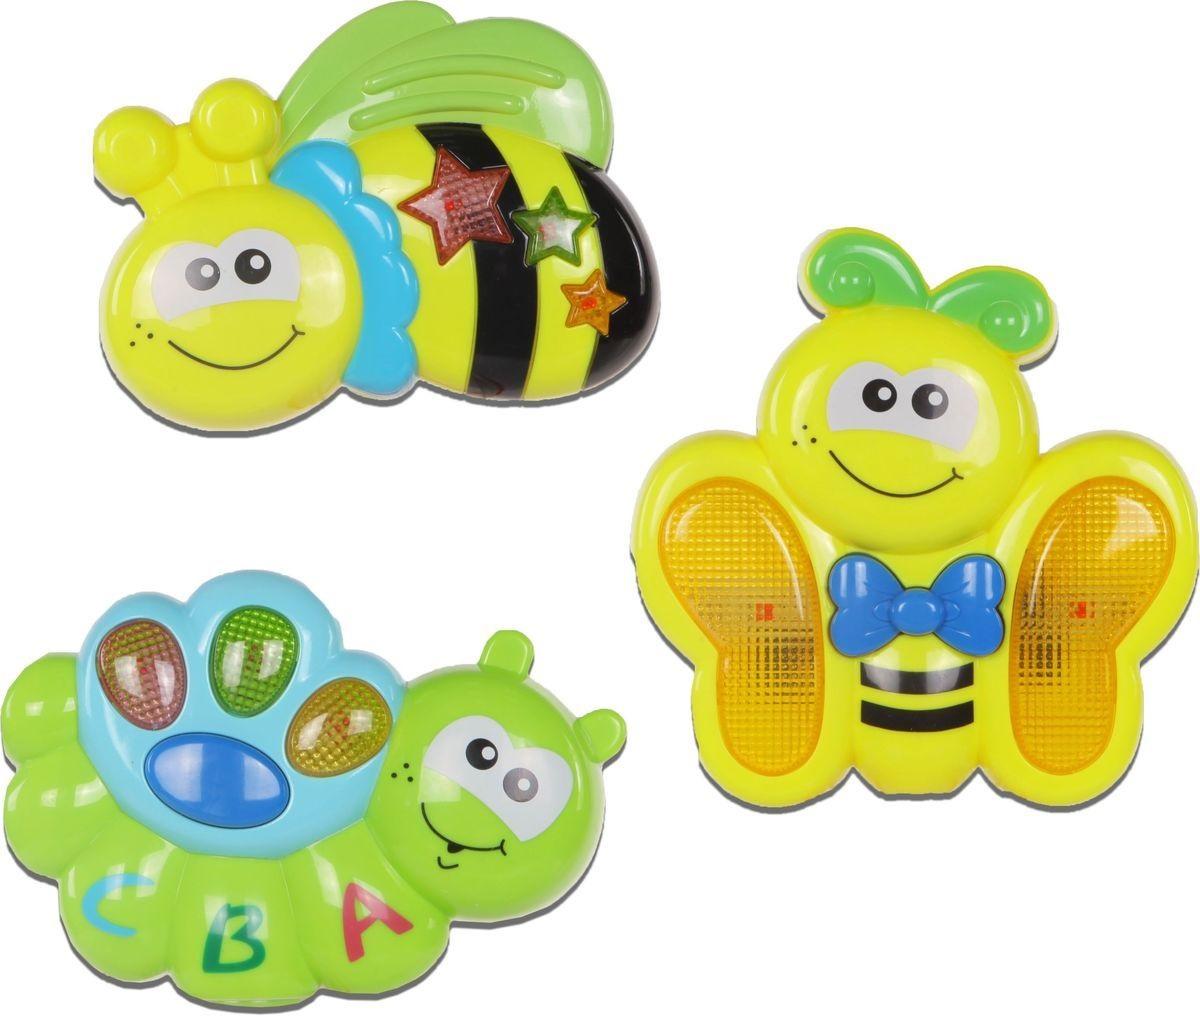 Набор музыкальных игрушек для малышей - Музыкальные наборы, артикул: 166281